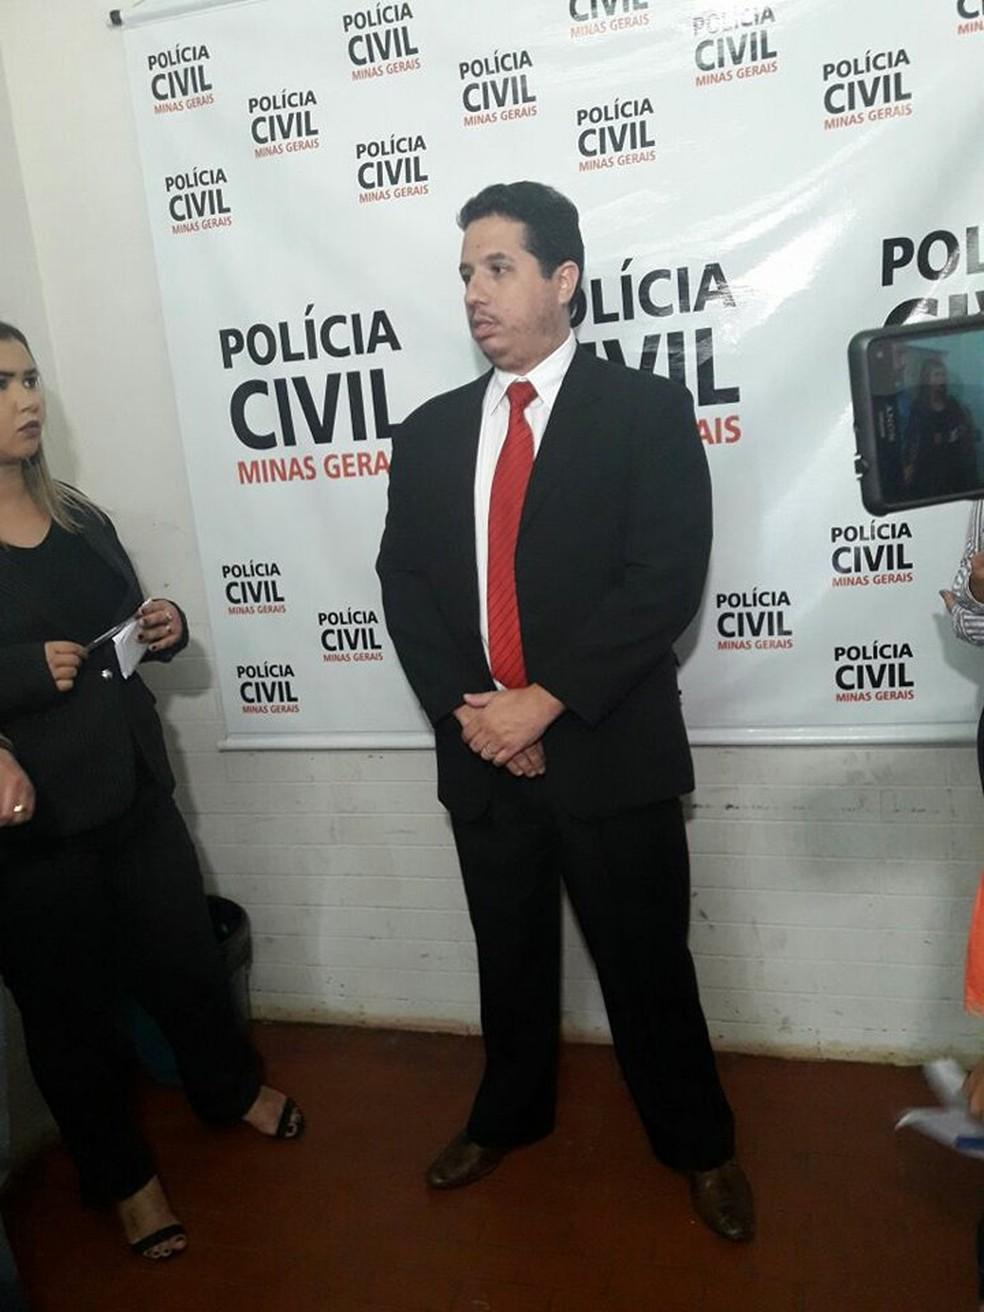 Delegado Rafael Herrera de Uberlândia disse em coletiva que a suspeita do crime mudou versão quatro vezes  (Foto: Polícia Civil/ Divulgação)